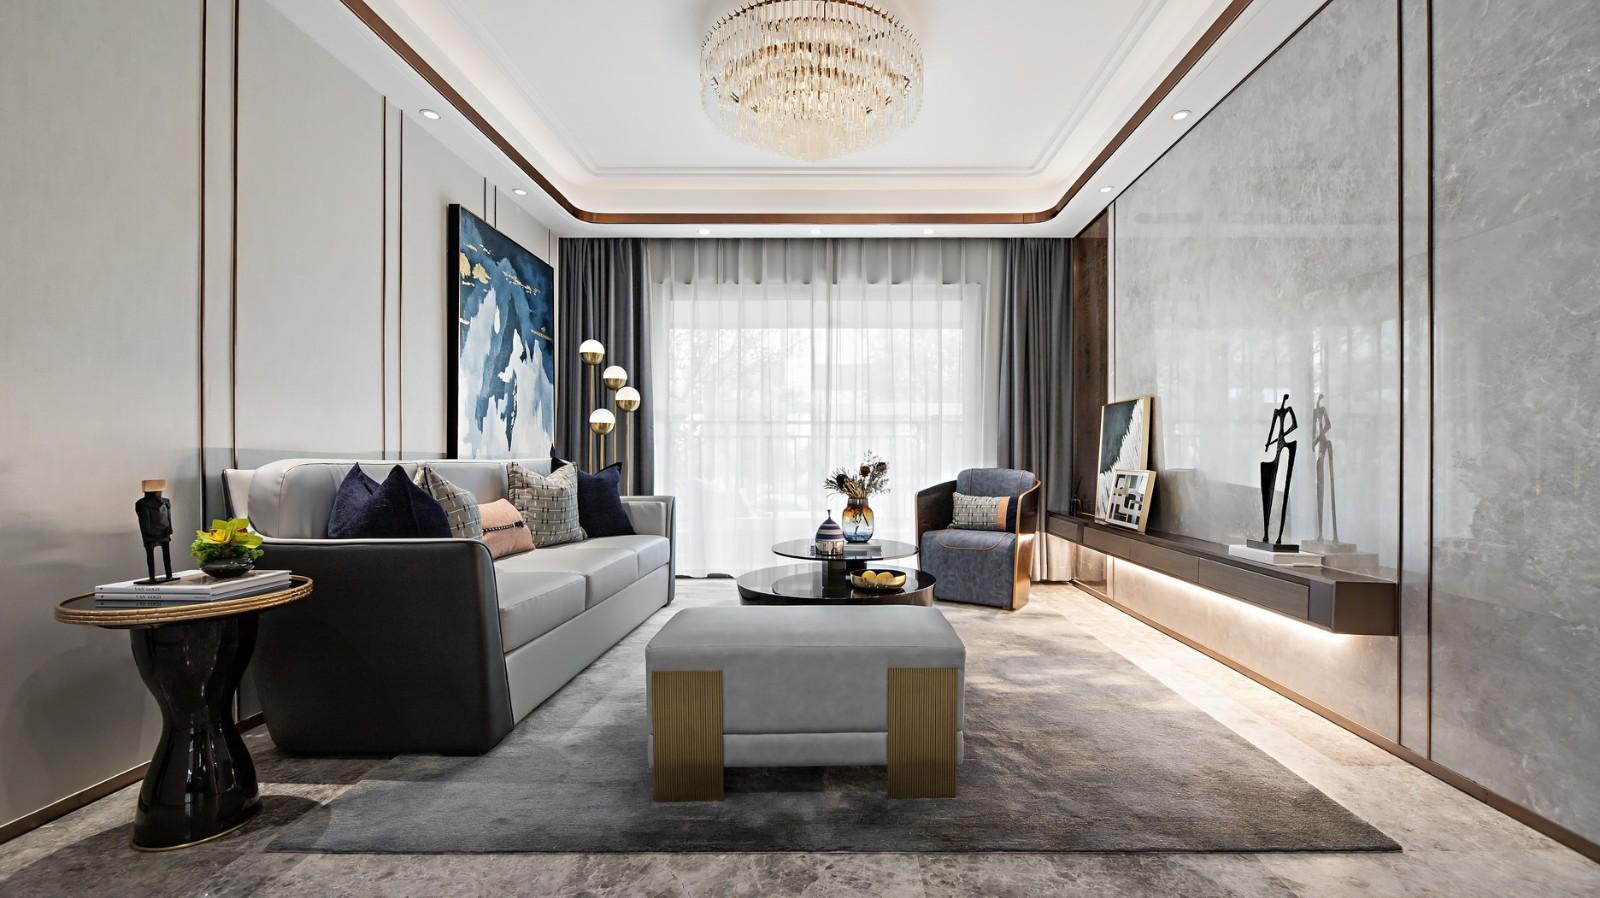 整个空间主要以黑白灰为主,以蓝色来点缀,优雅轻奢有质感。吊顶、墙面加以线条进行勾勒,柔和感尽绽放。